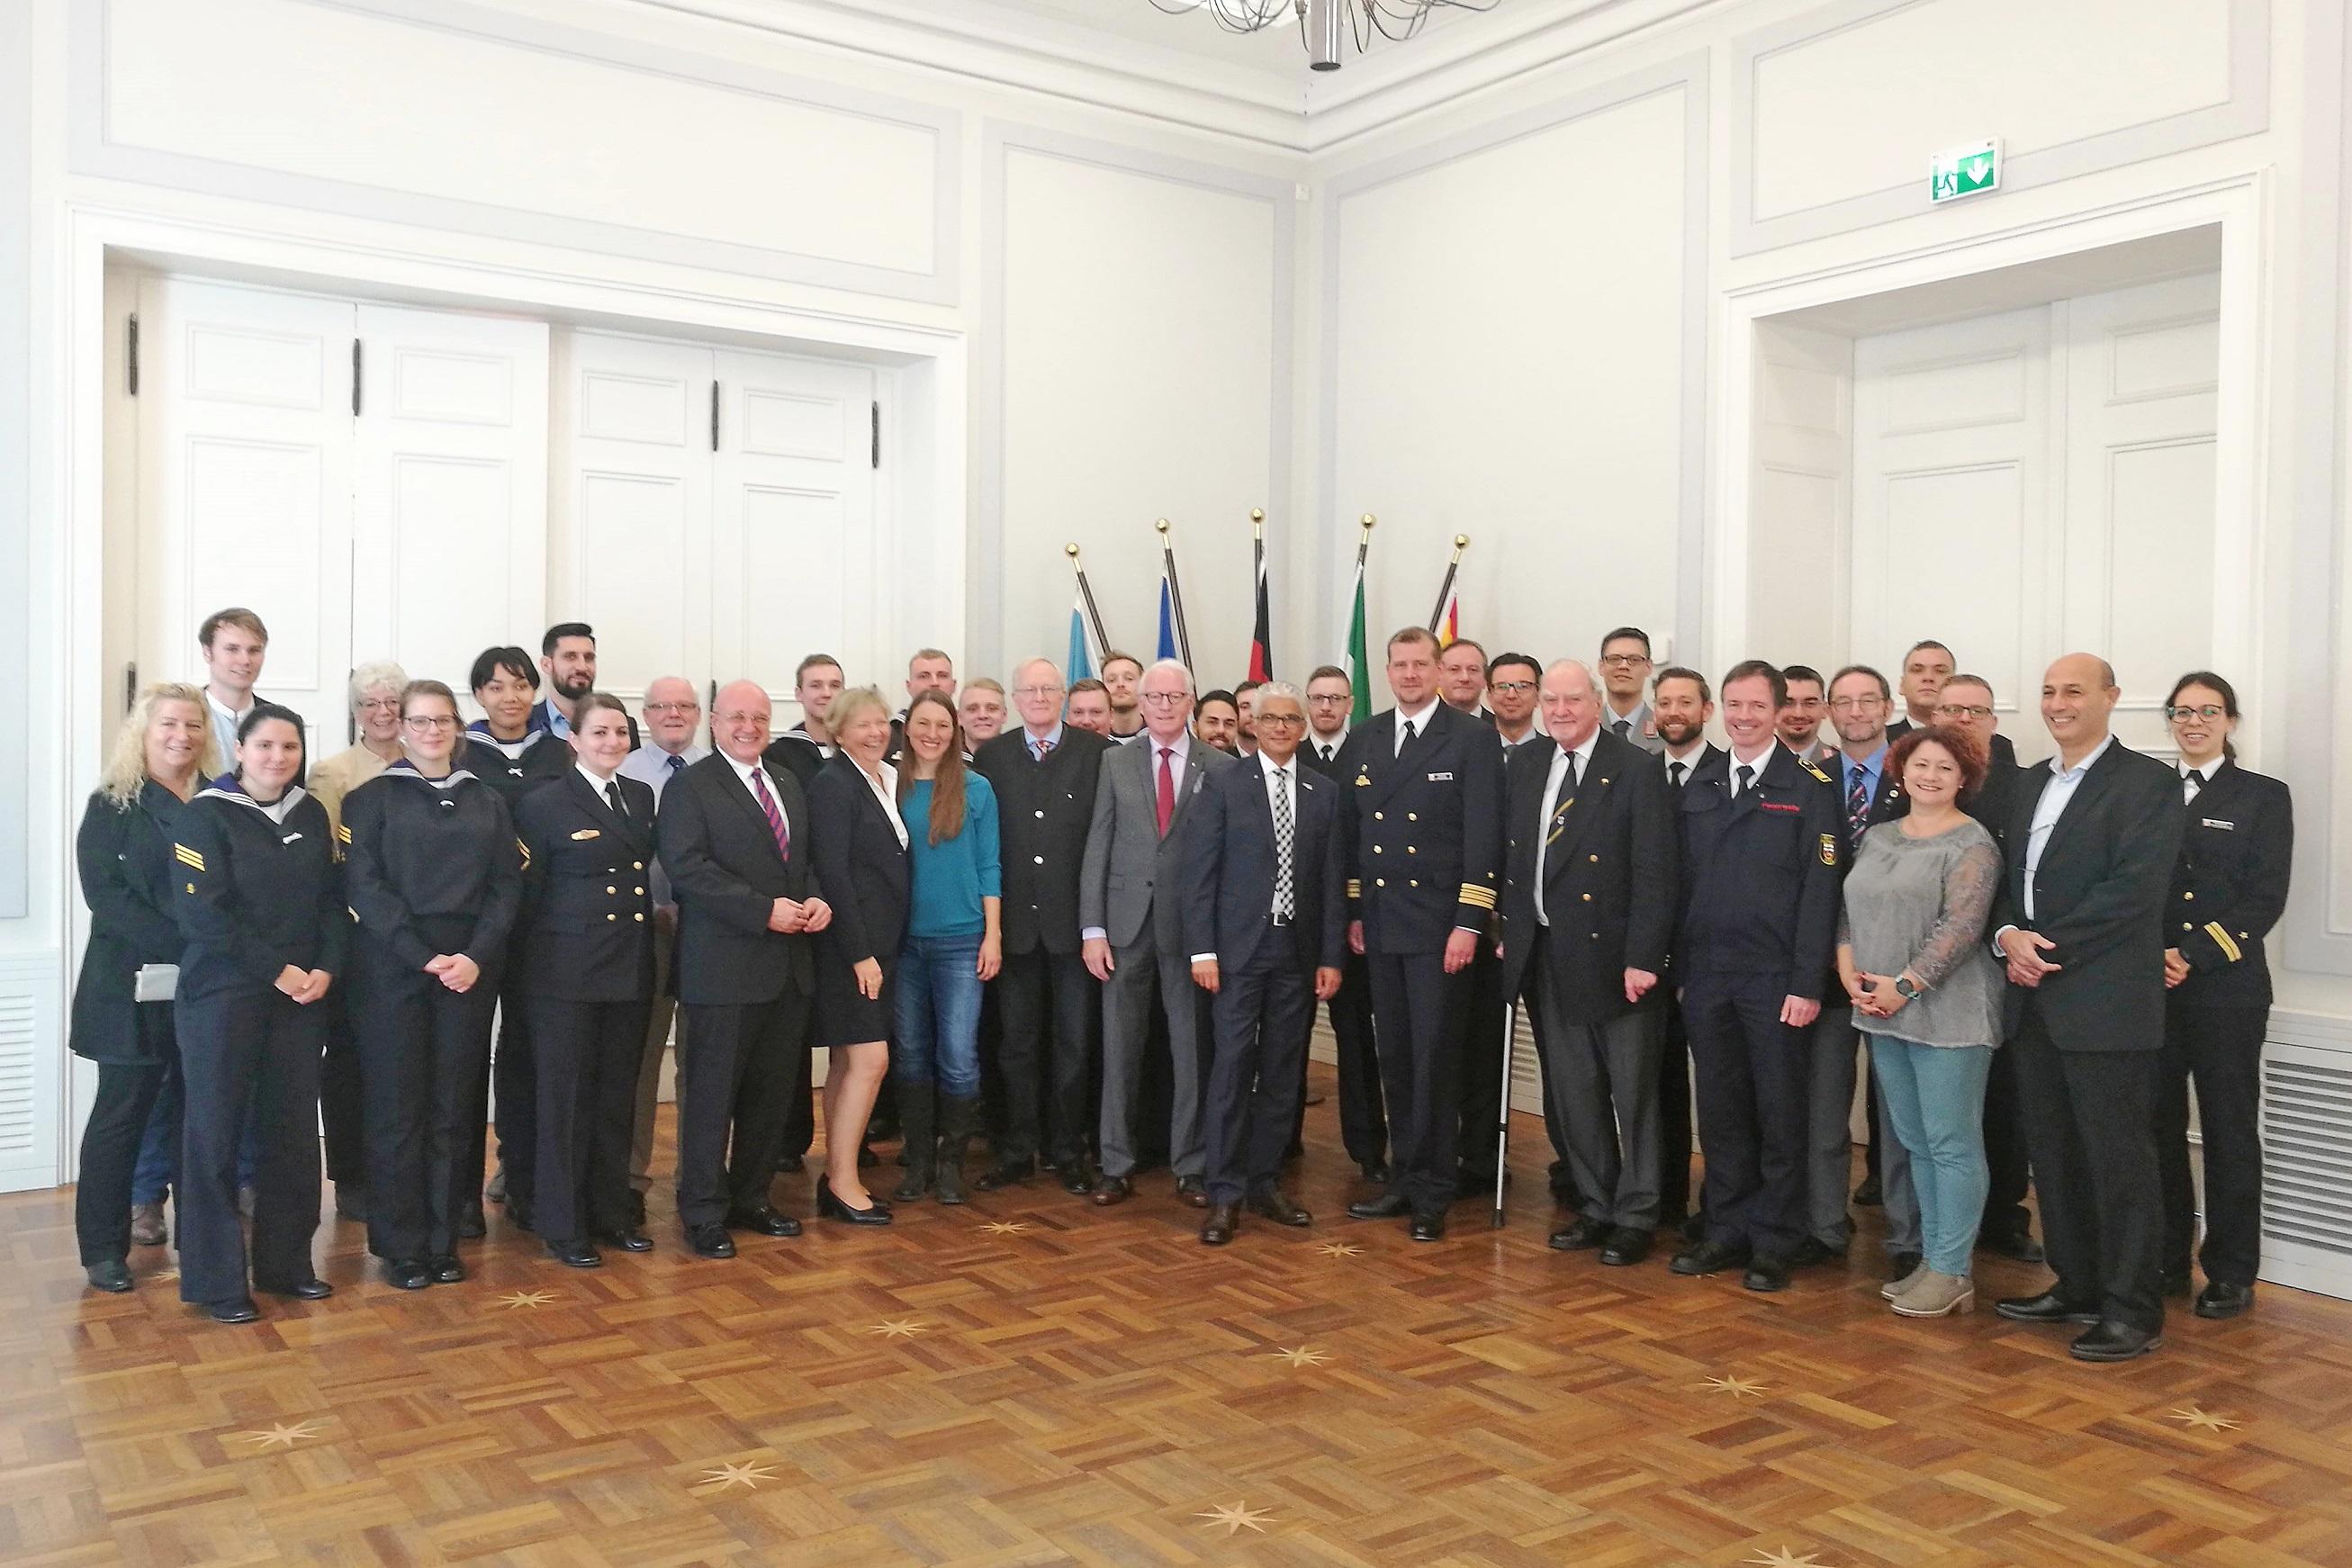 Patenschaftsbesuch des EGV BONN in Bonn: hier mit Oberbürgermeister, Bürgermeister sowie  Personen befreundeter Institutionen und Vereine. Foto: FK BONN.